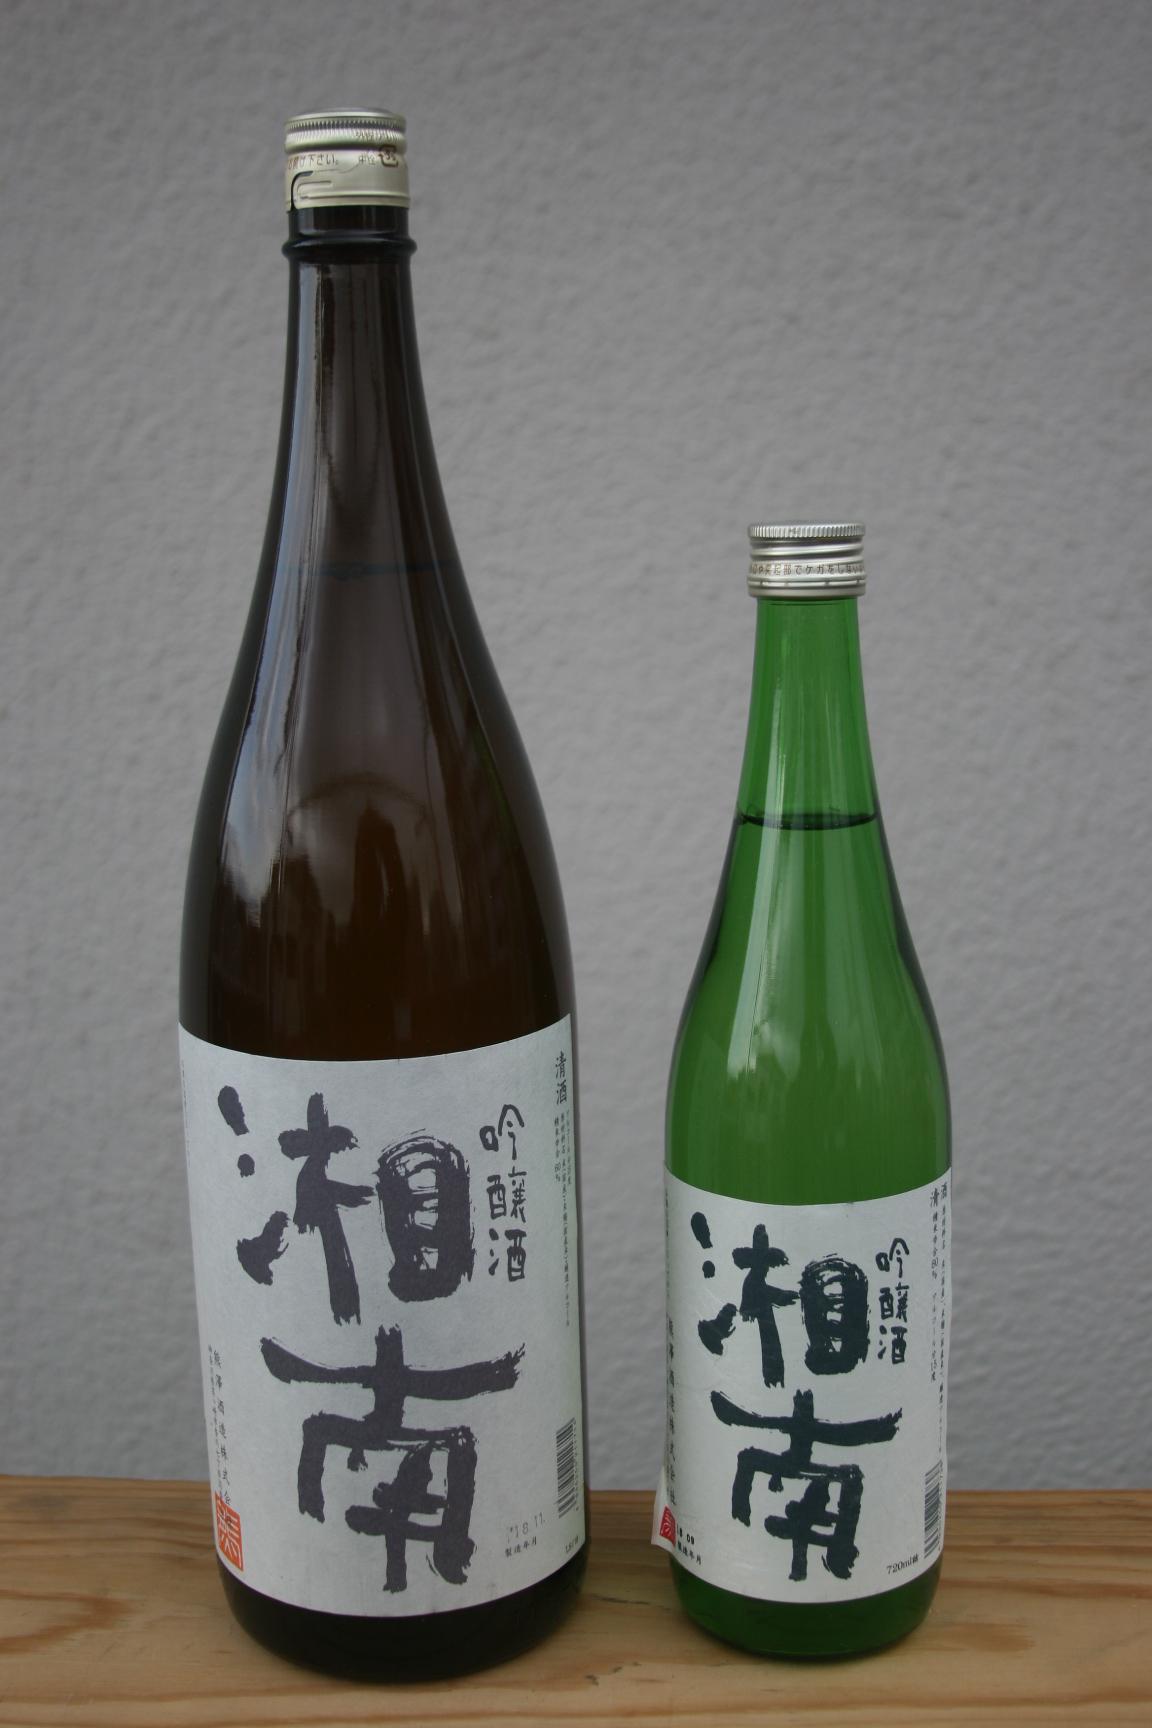 熊澤酒造 『湘南』 逸品 吟醸酒  1800ml